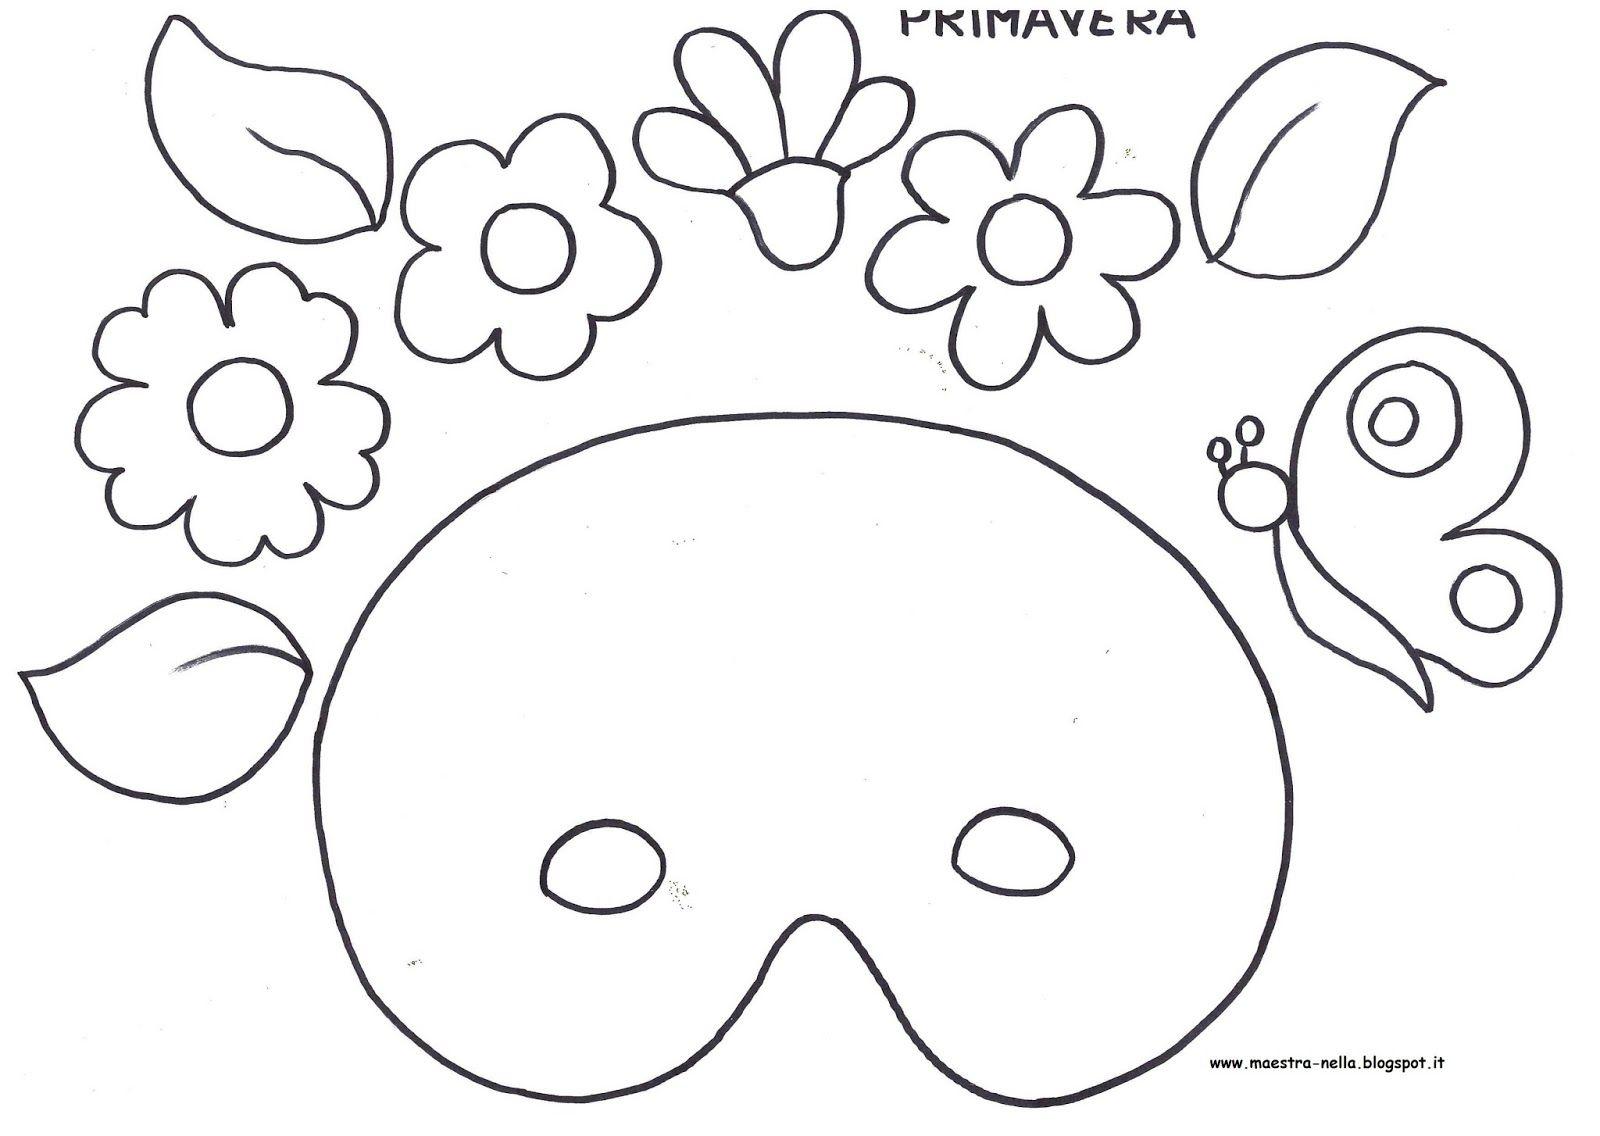 Masque printemps gabarits maternelle carnaval pinterest masque gabarit et printemps - Activite manuelle elementaire ...